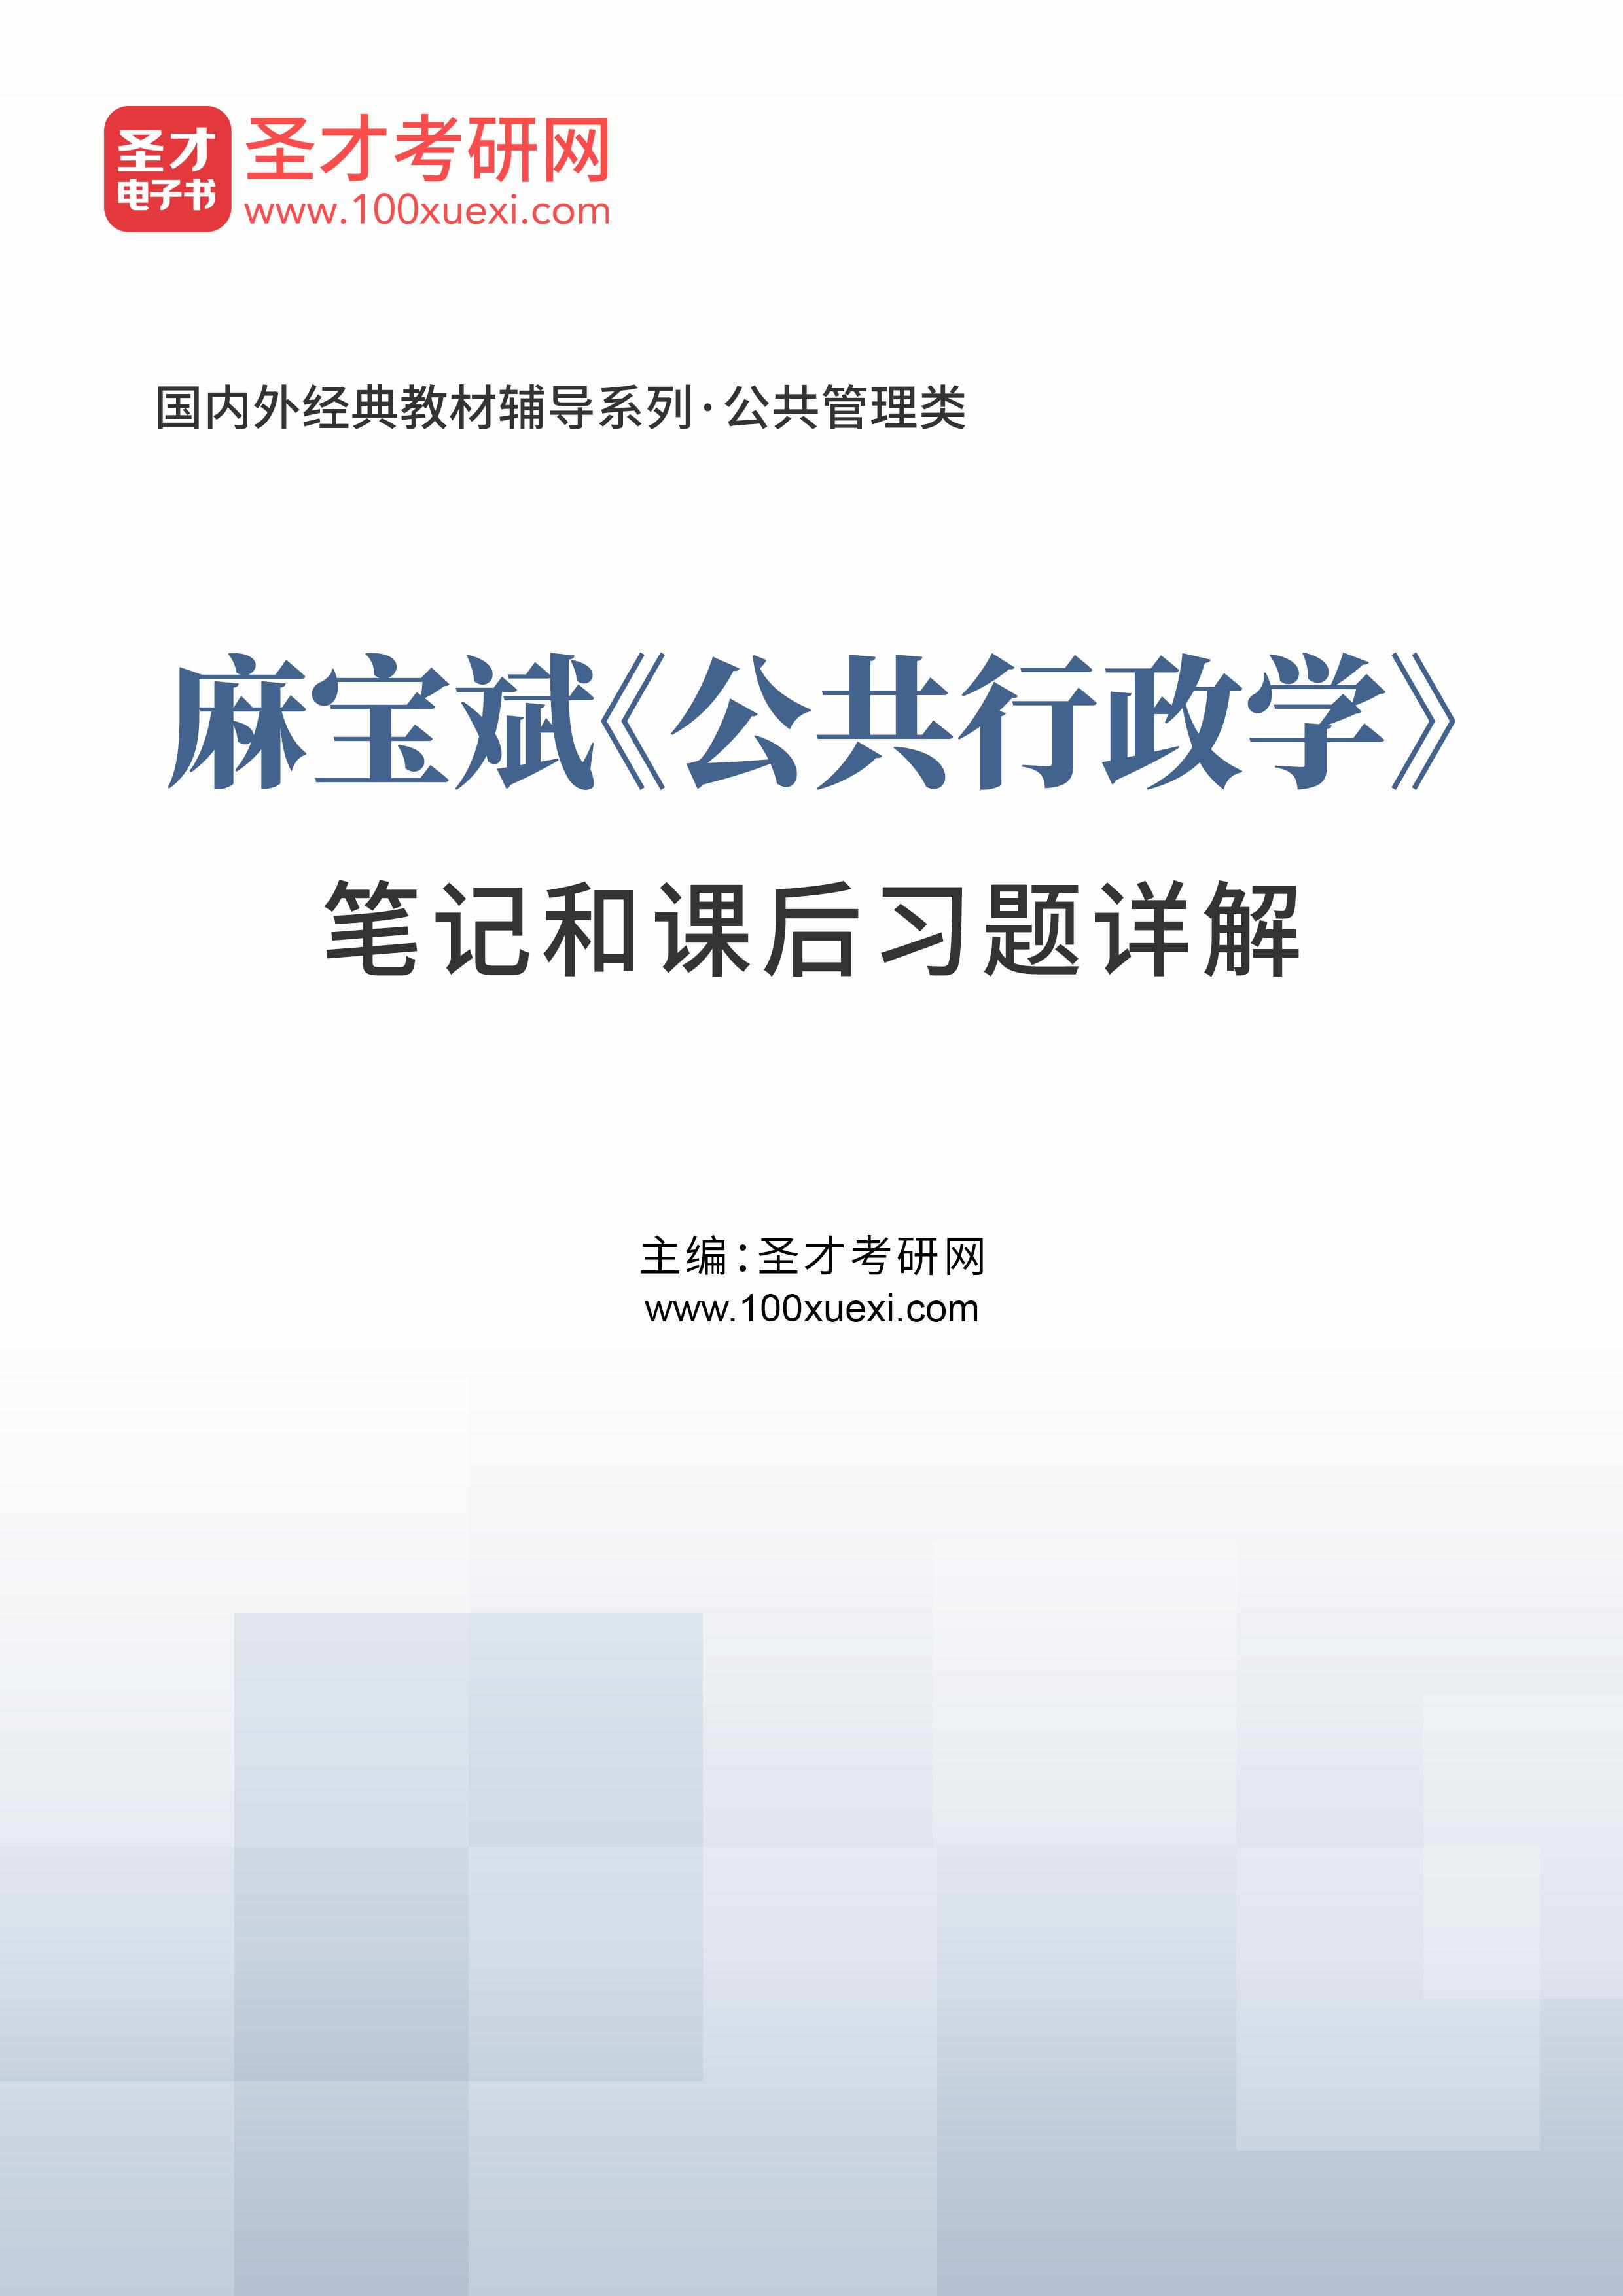 麻宝斌《公共行政学》笔记和课后习题详解